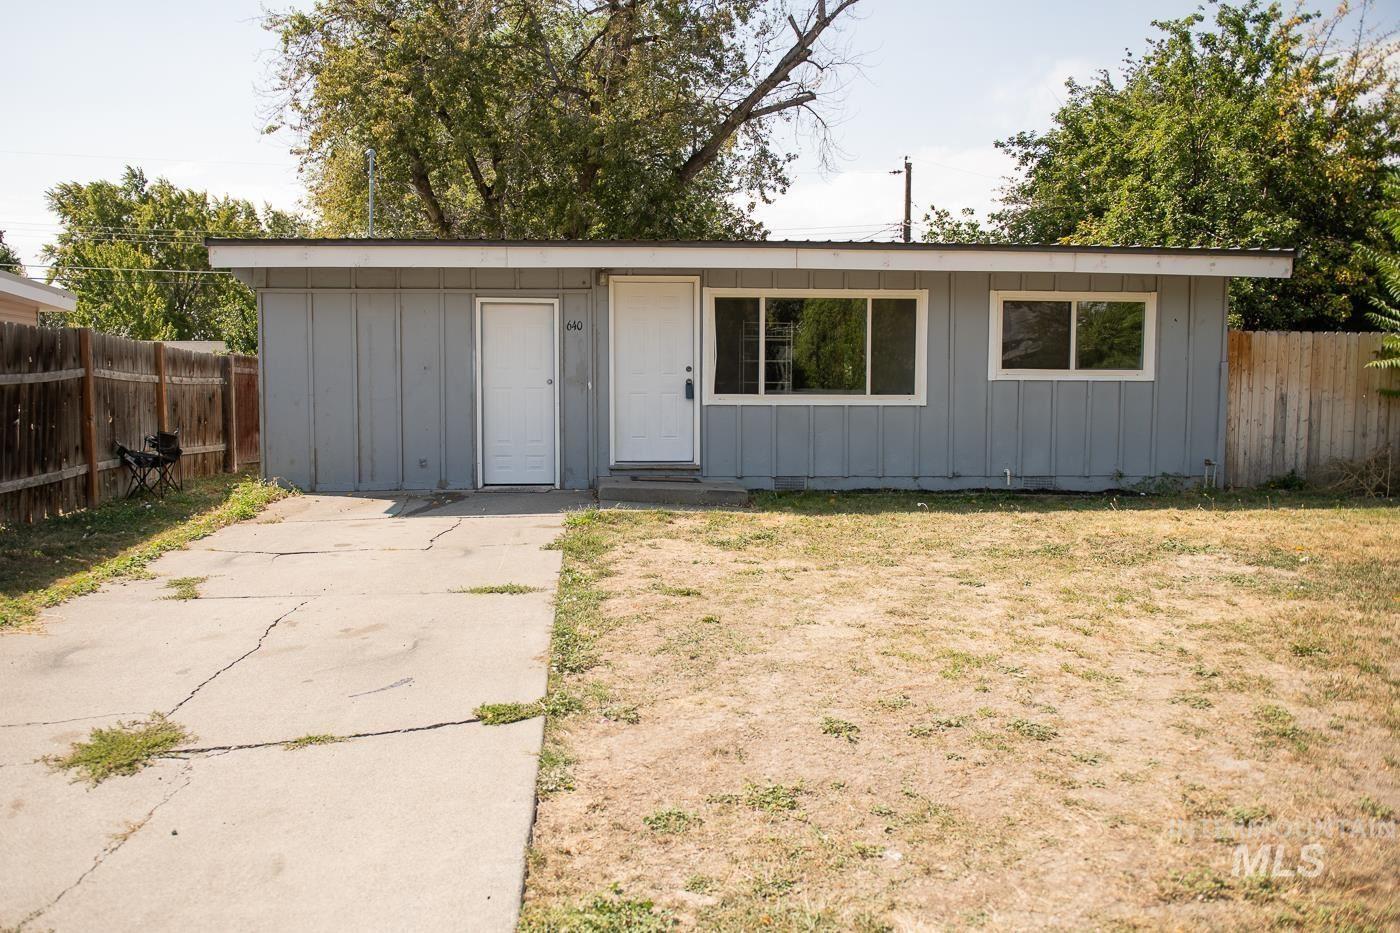 640 S 13th E, Mountain Home, ID 83647 - MLS#: 98818609